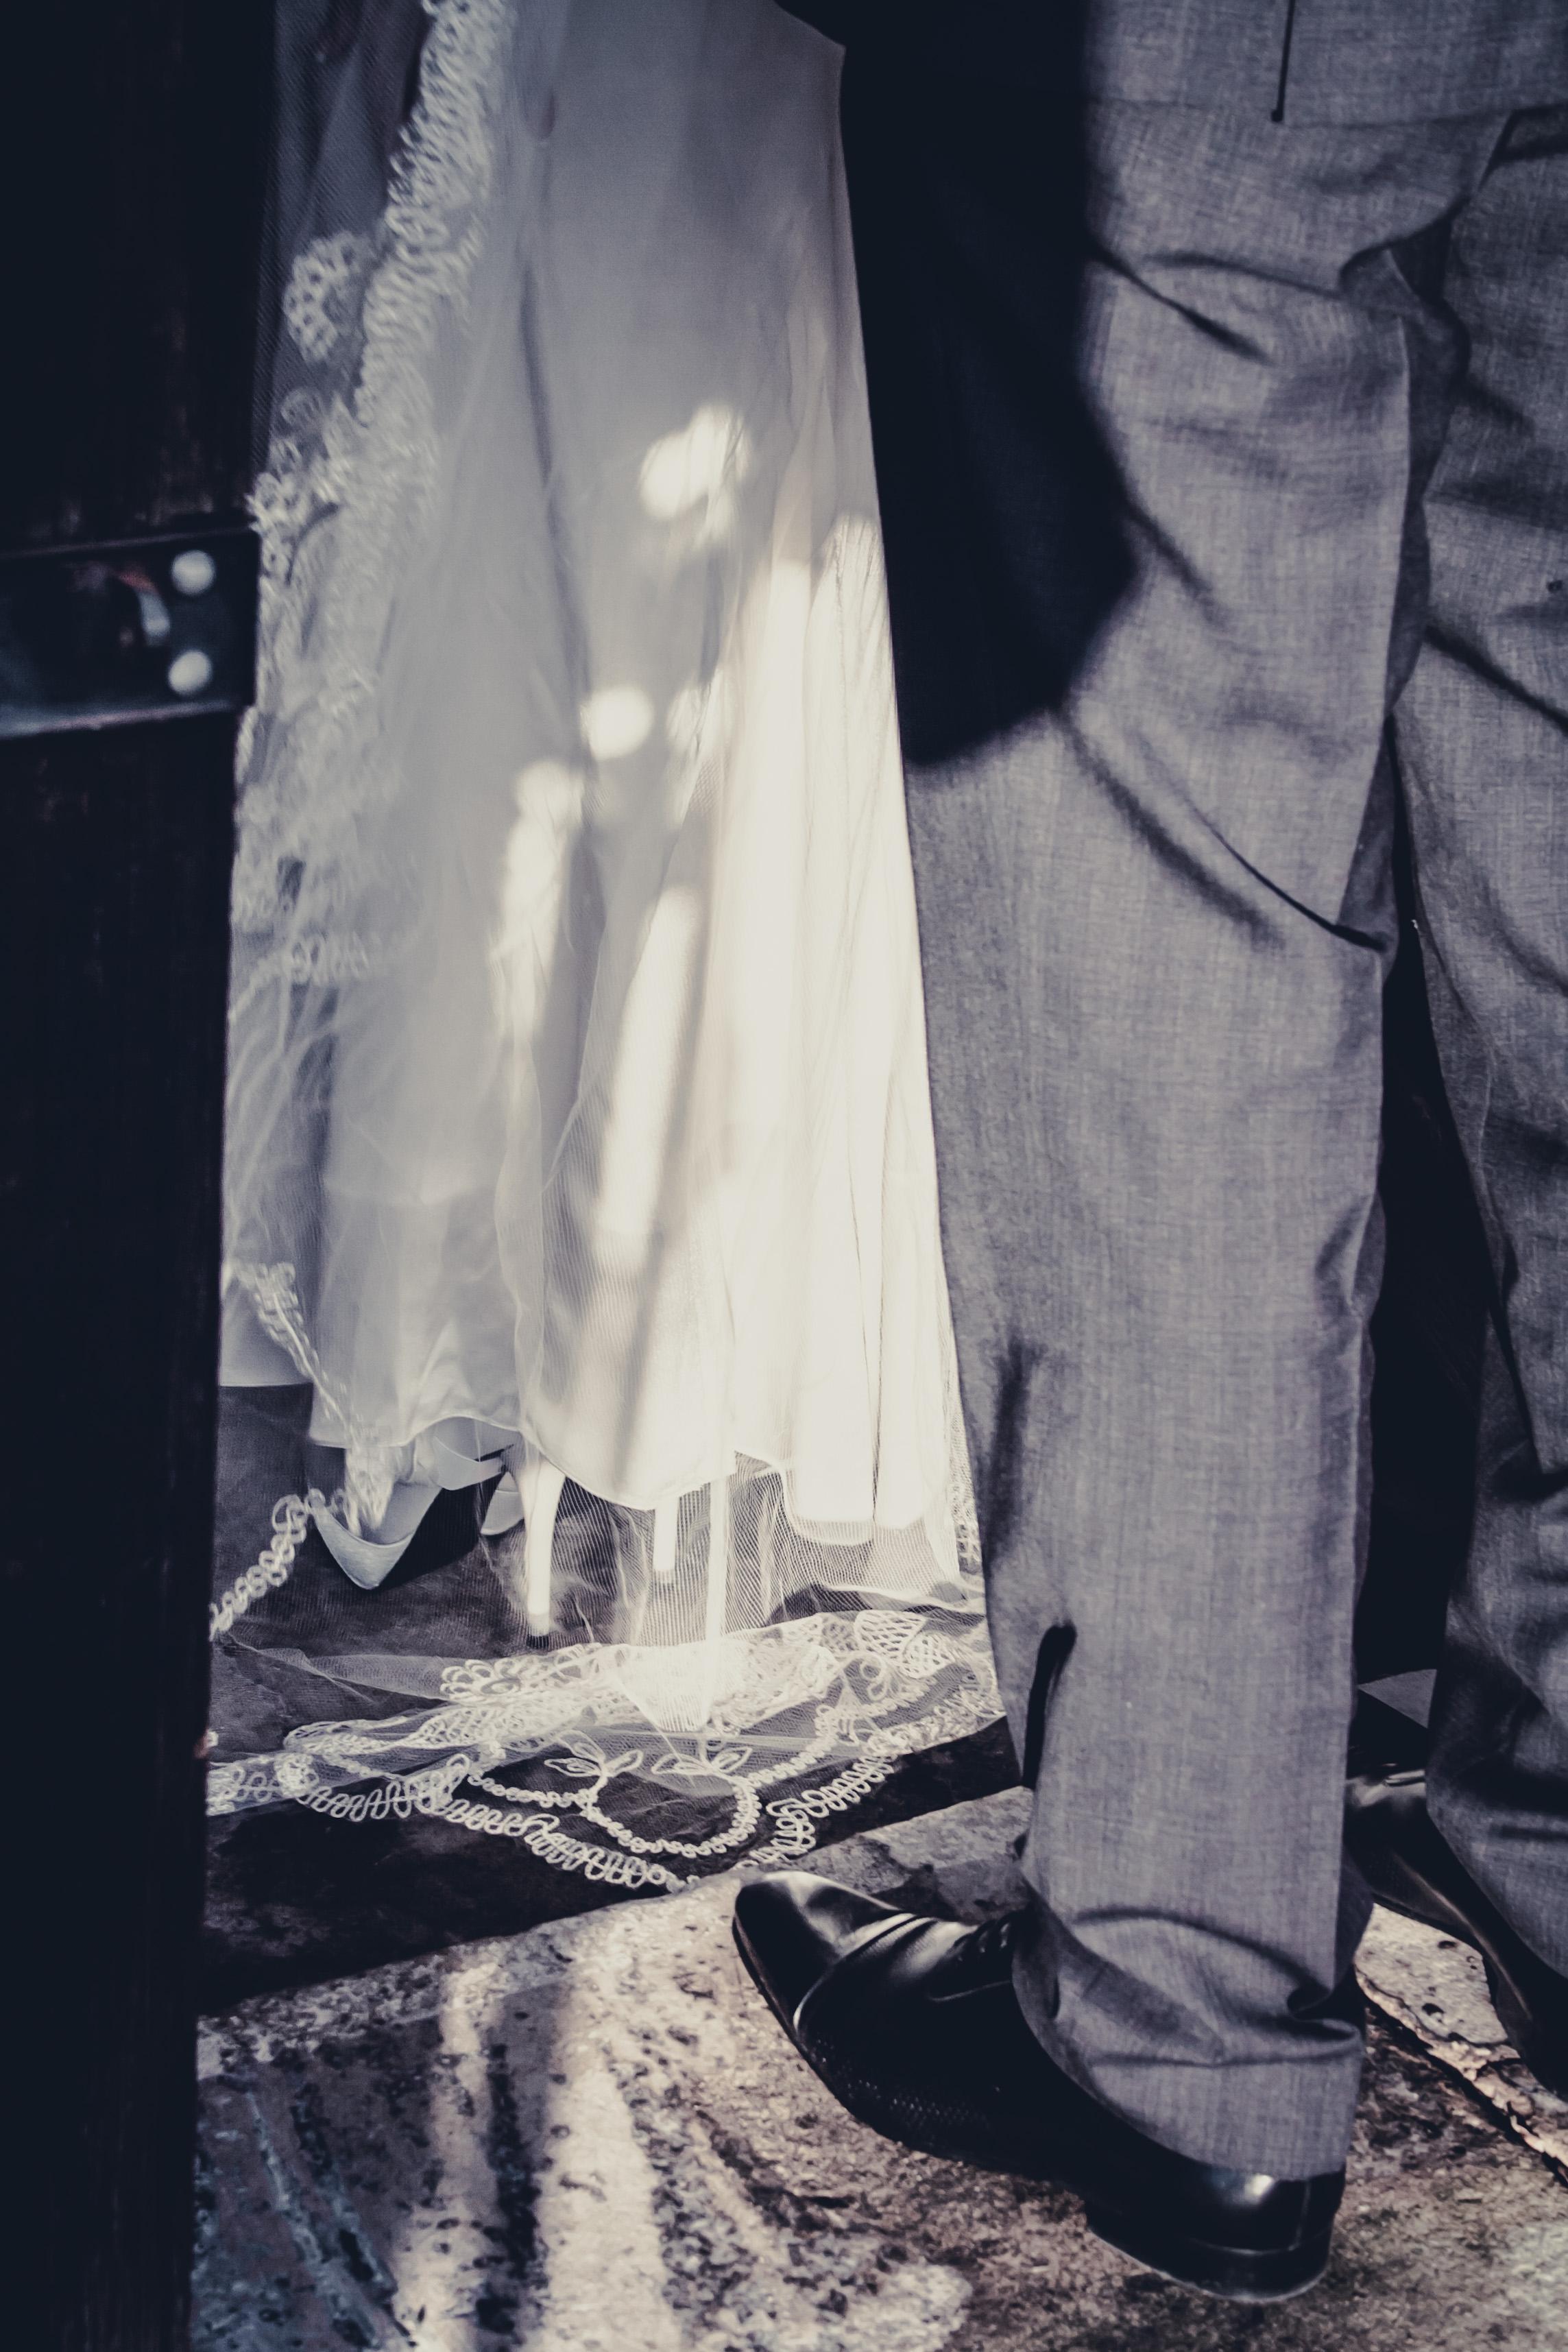 074 - Angela and Karls Wedding by www.markpugh.com -2052.jpg